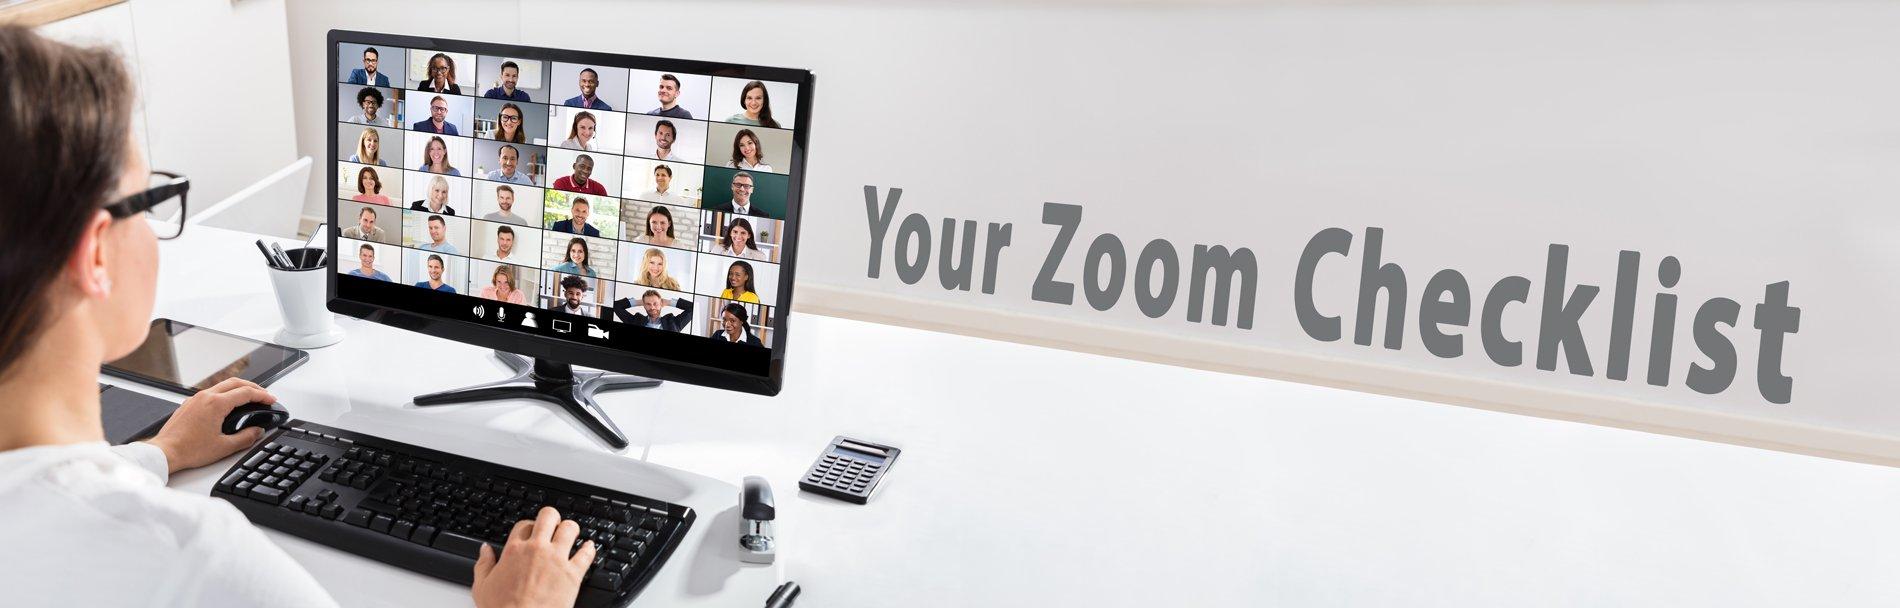 zoomchecklist